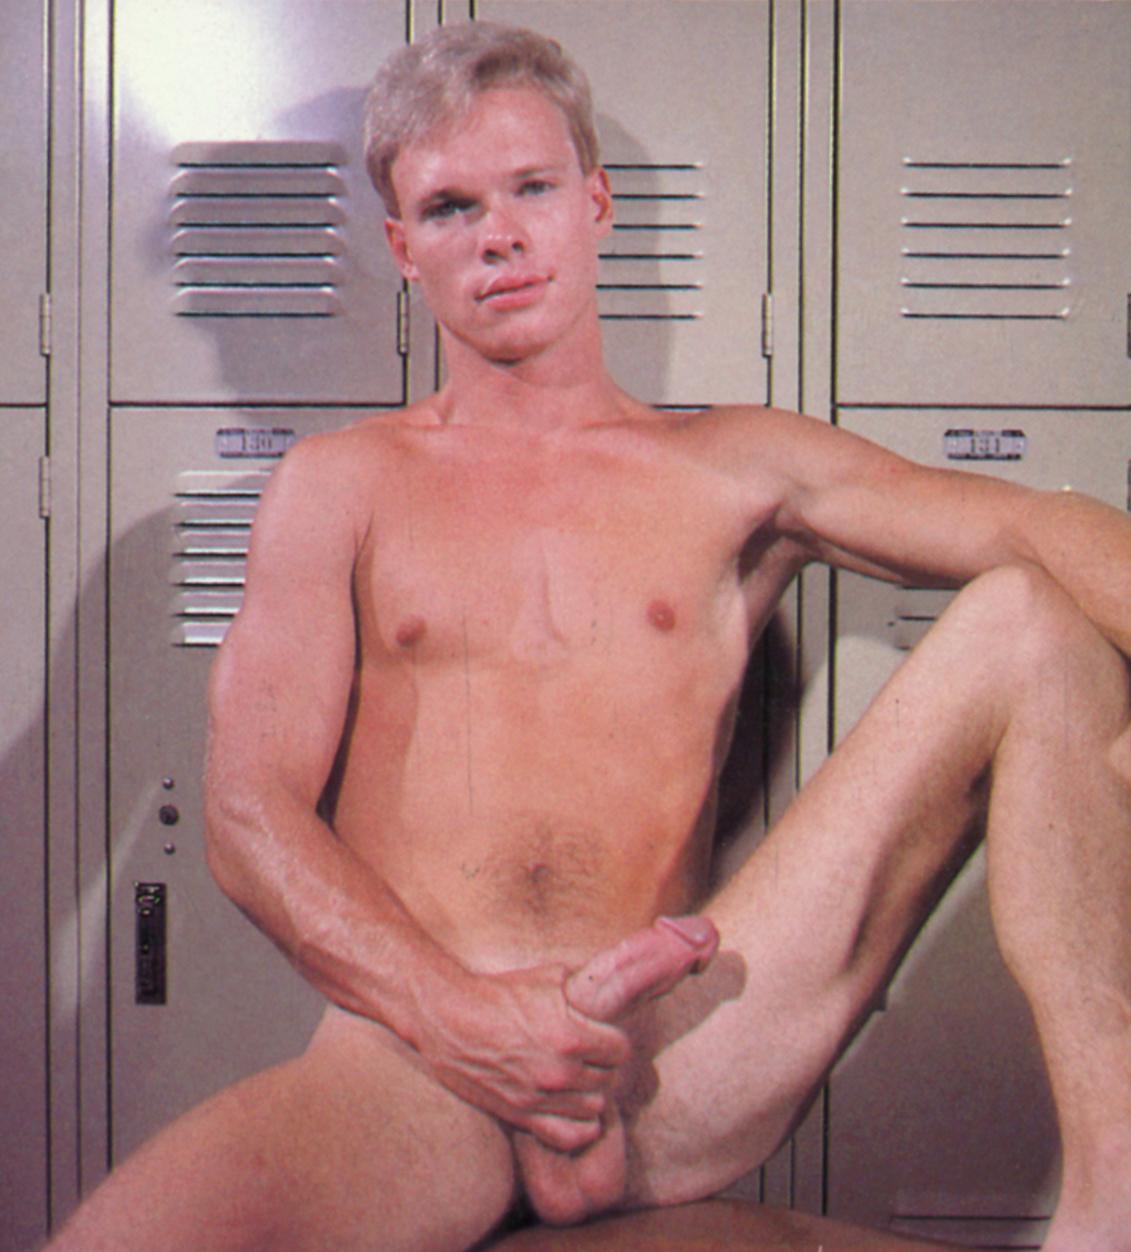 Cabin Fever Porn Gay gay porn - bijoublog - page 3